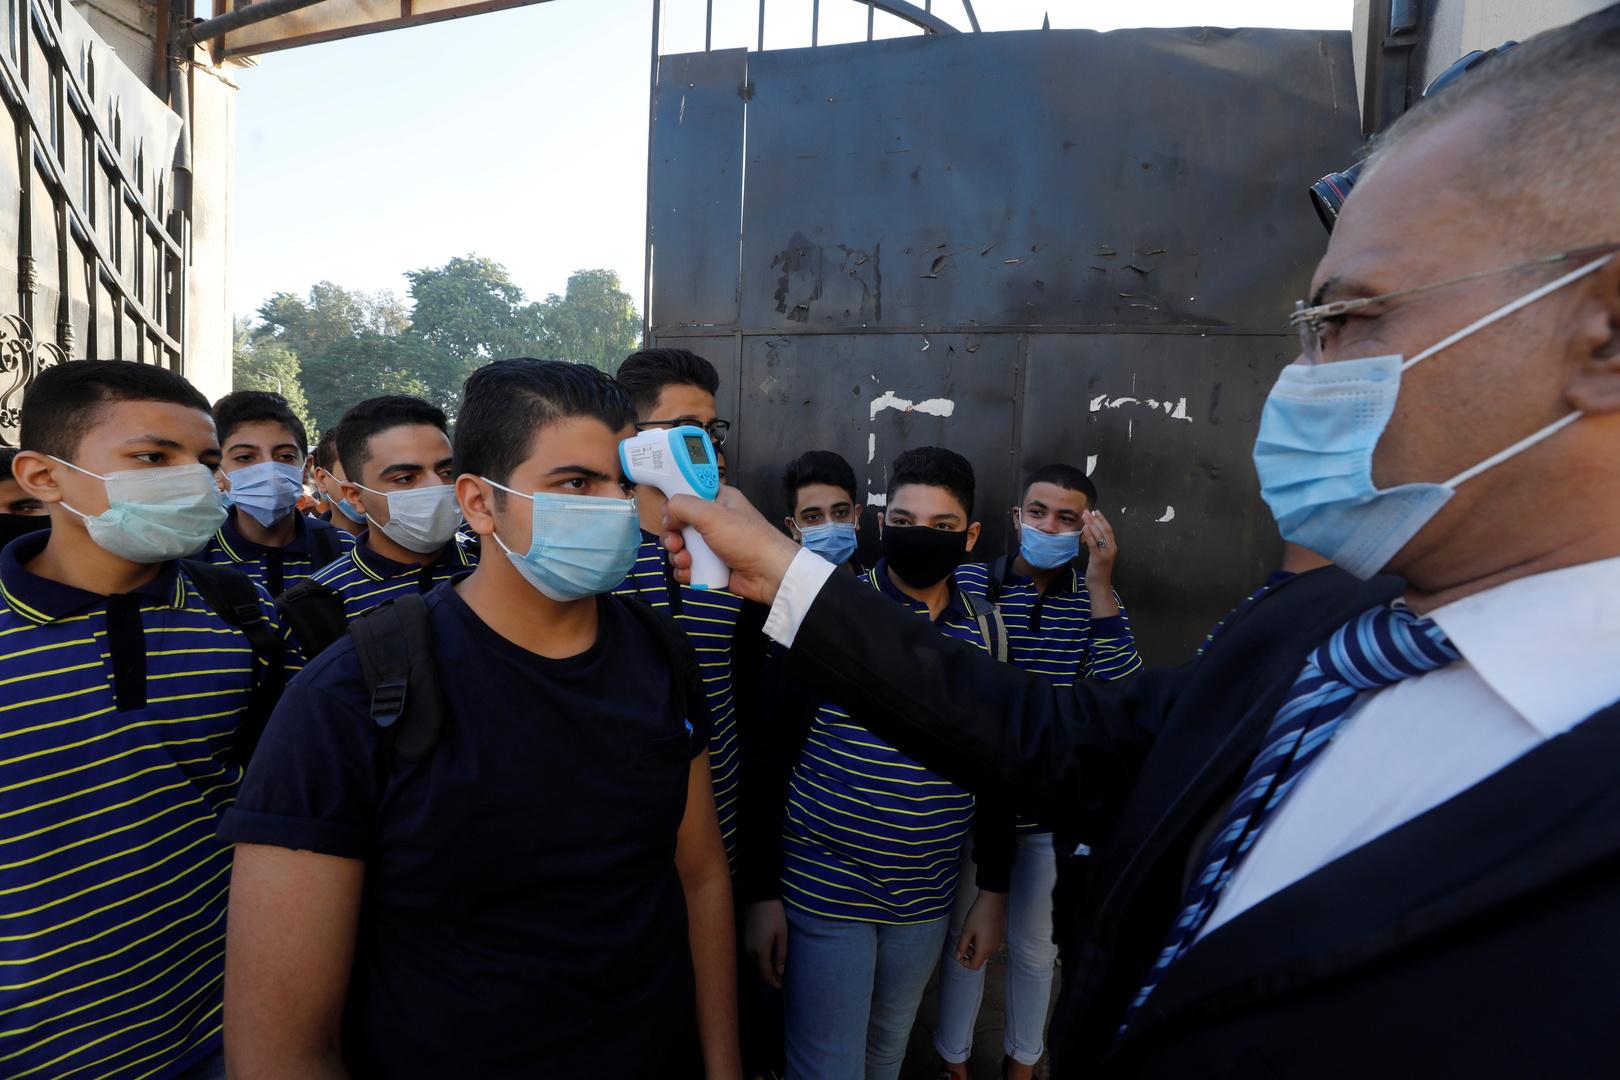 مصر تسجل 60 وفاة و1090 إصابة جديدة بفيروس كورونا